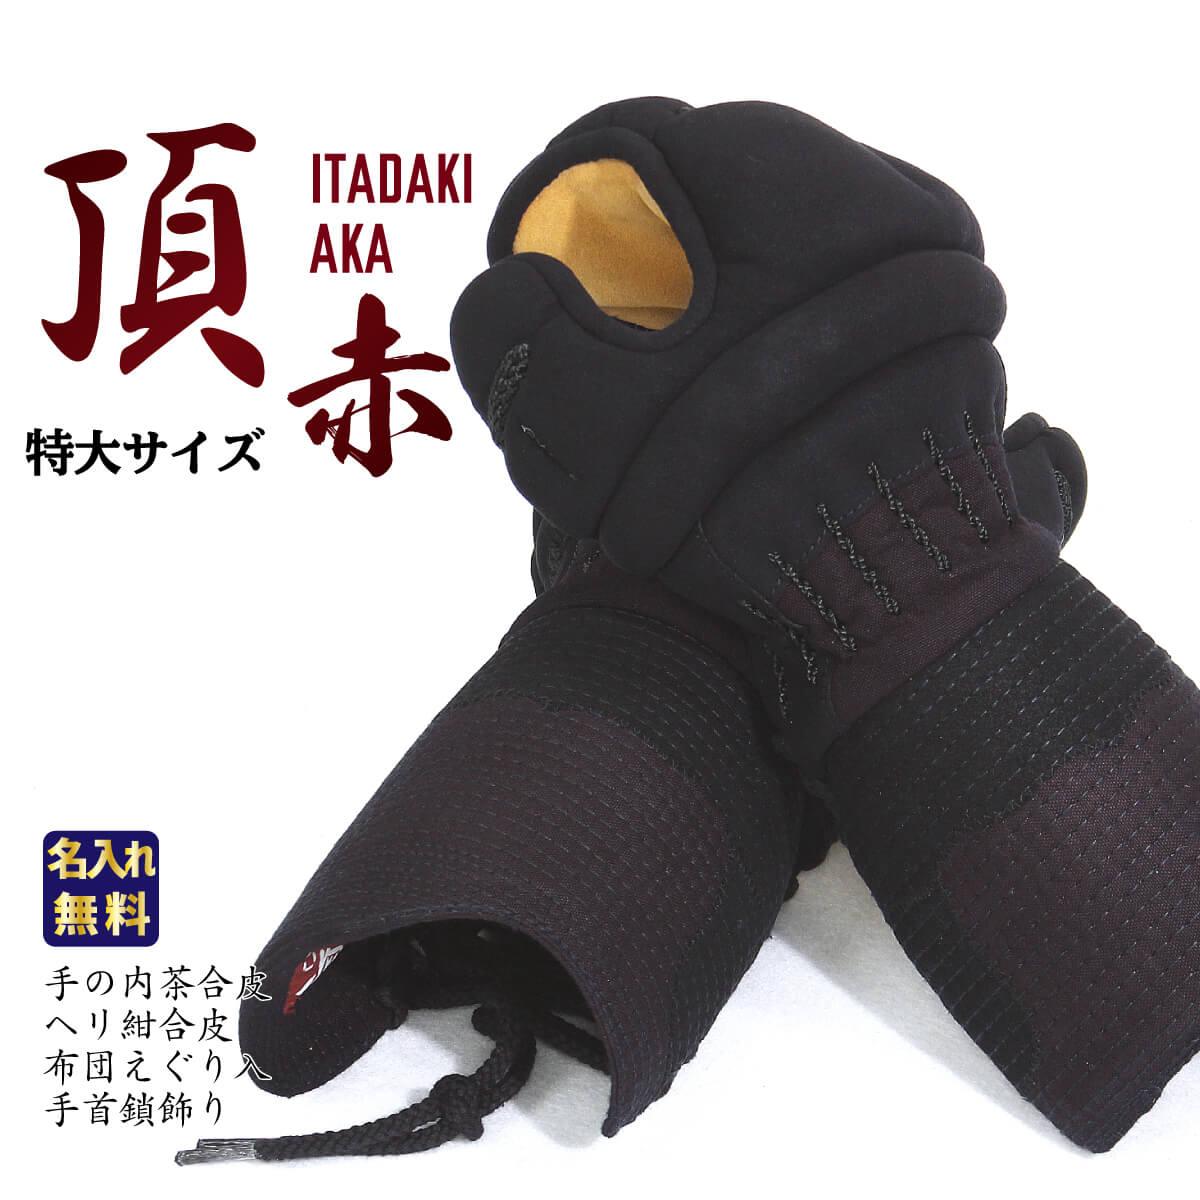 頂 赤 防具(剣道具) 小手(甲手)単品 特大サイズ